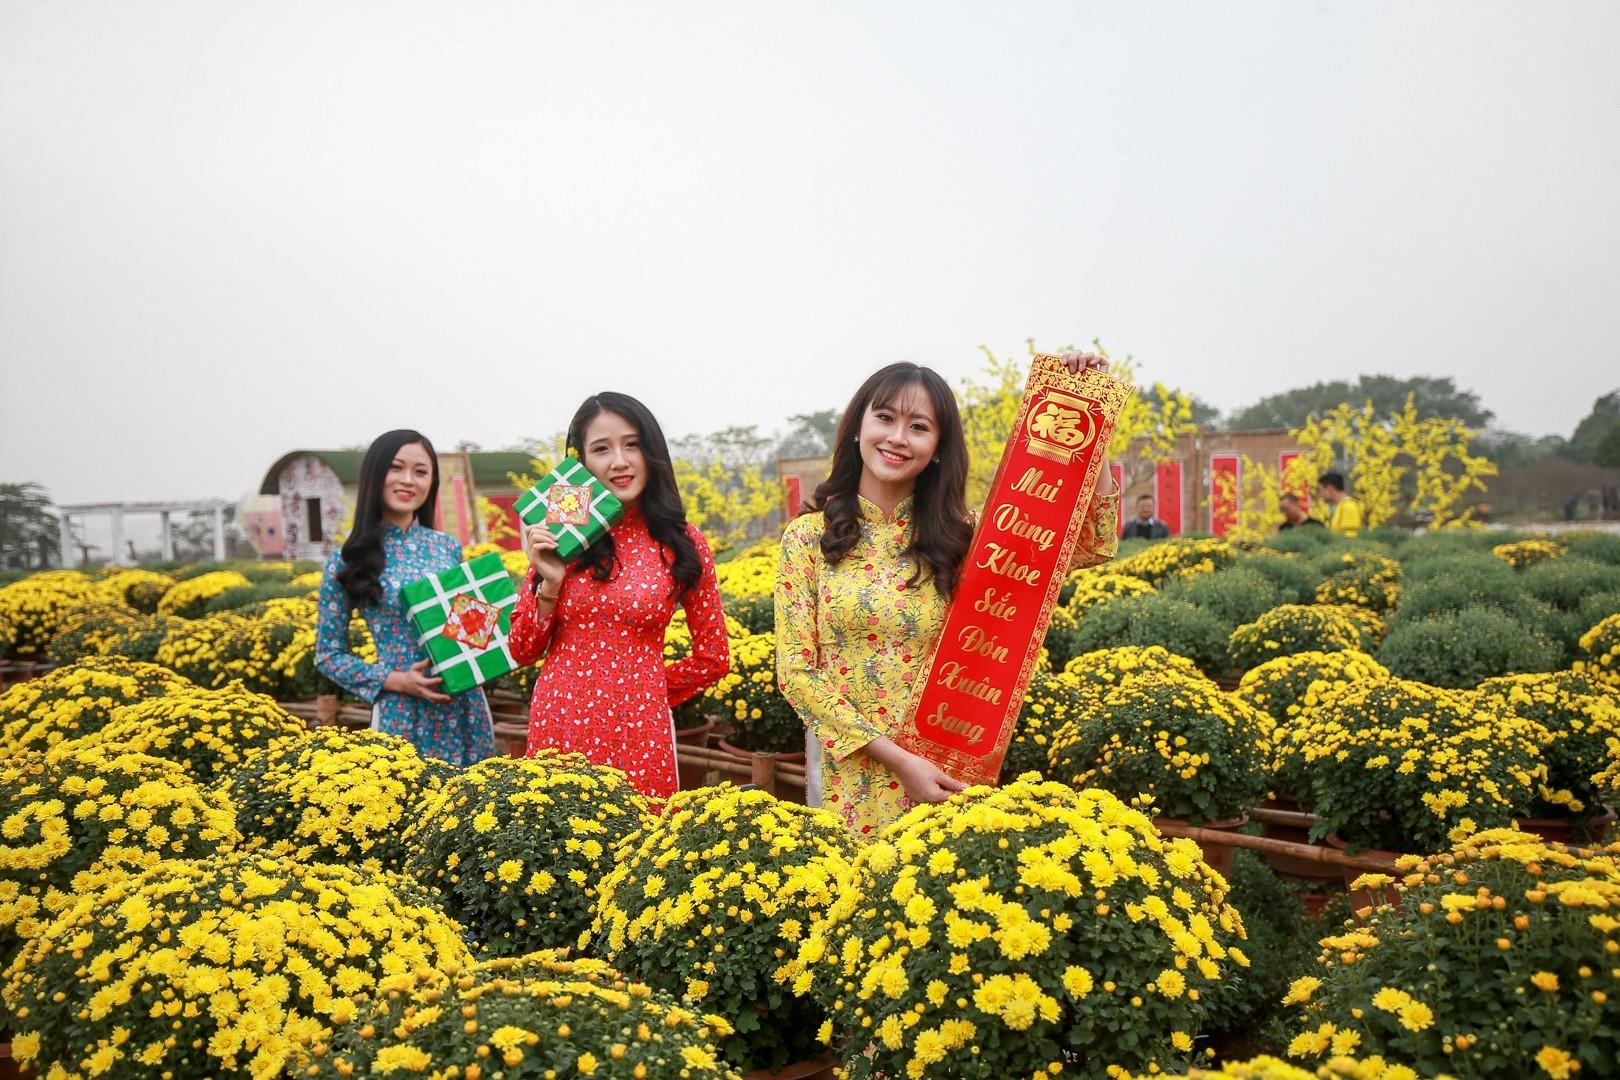 Phát sốt với vườn hoa cúc mâm xôi tuyệt đẹp ngay giữa Thủ đô-4